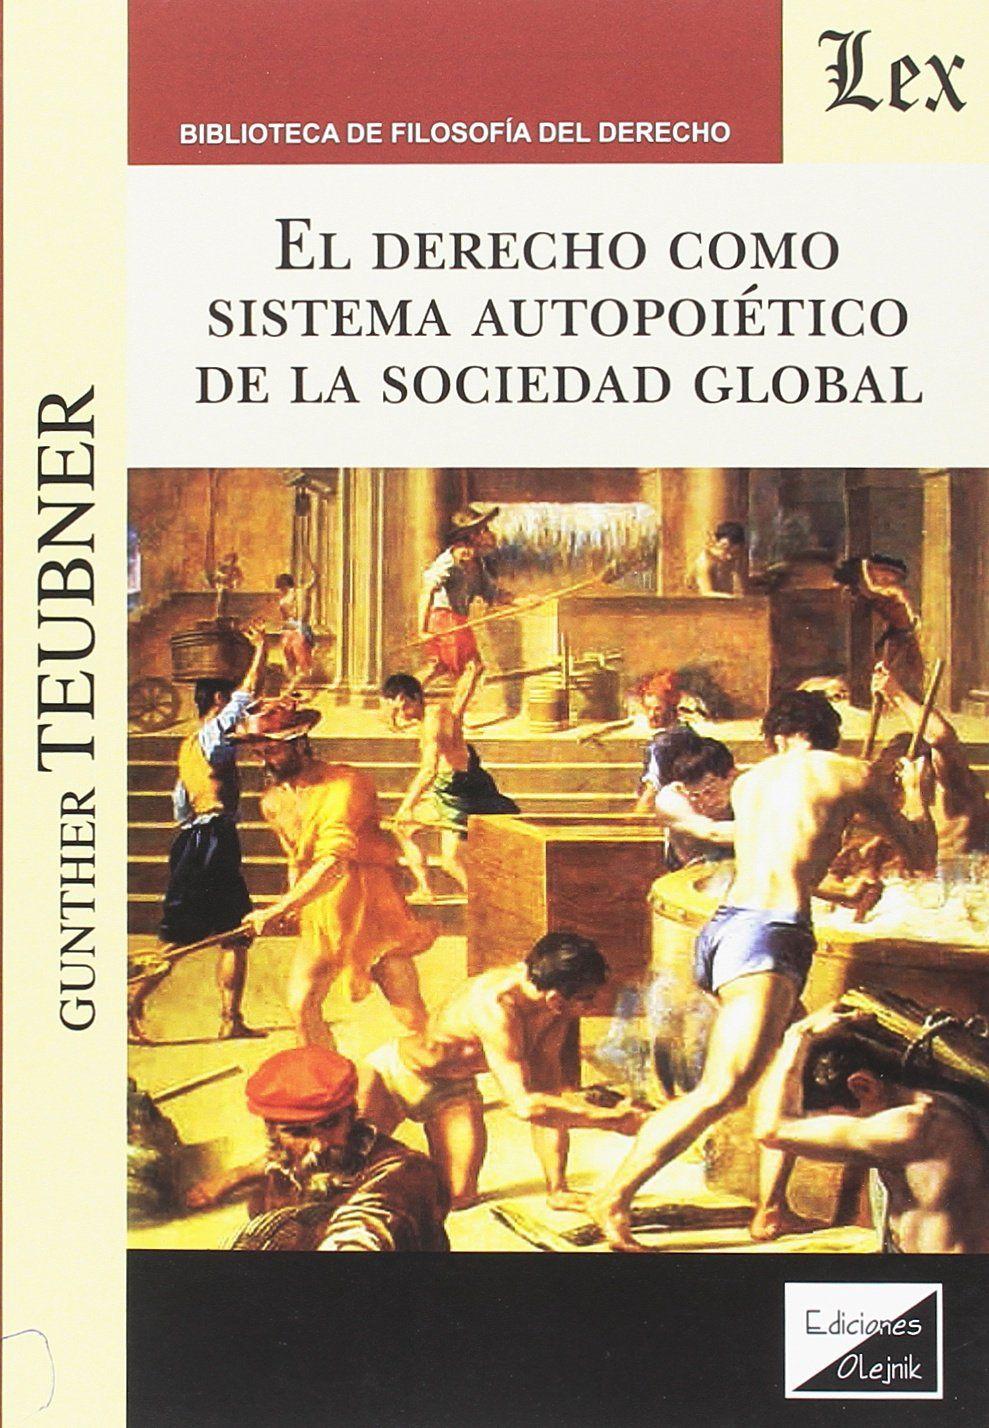 Derecho como sistema autopoiético de la sociedad global, El